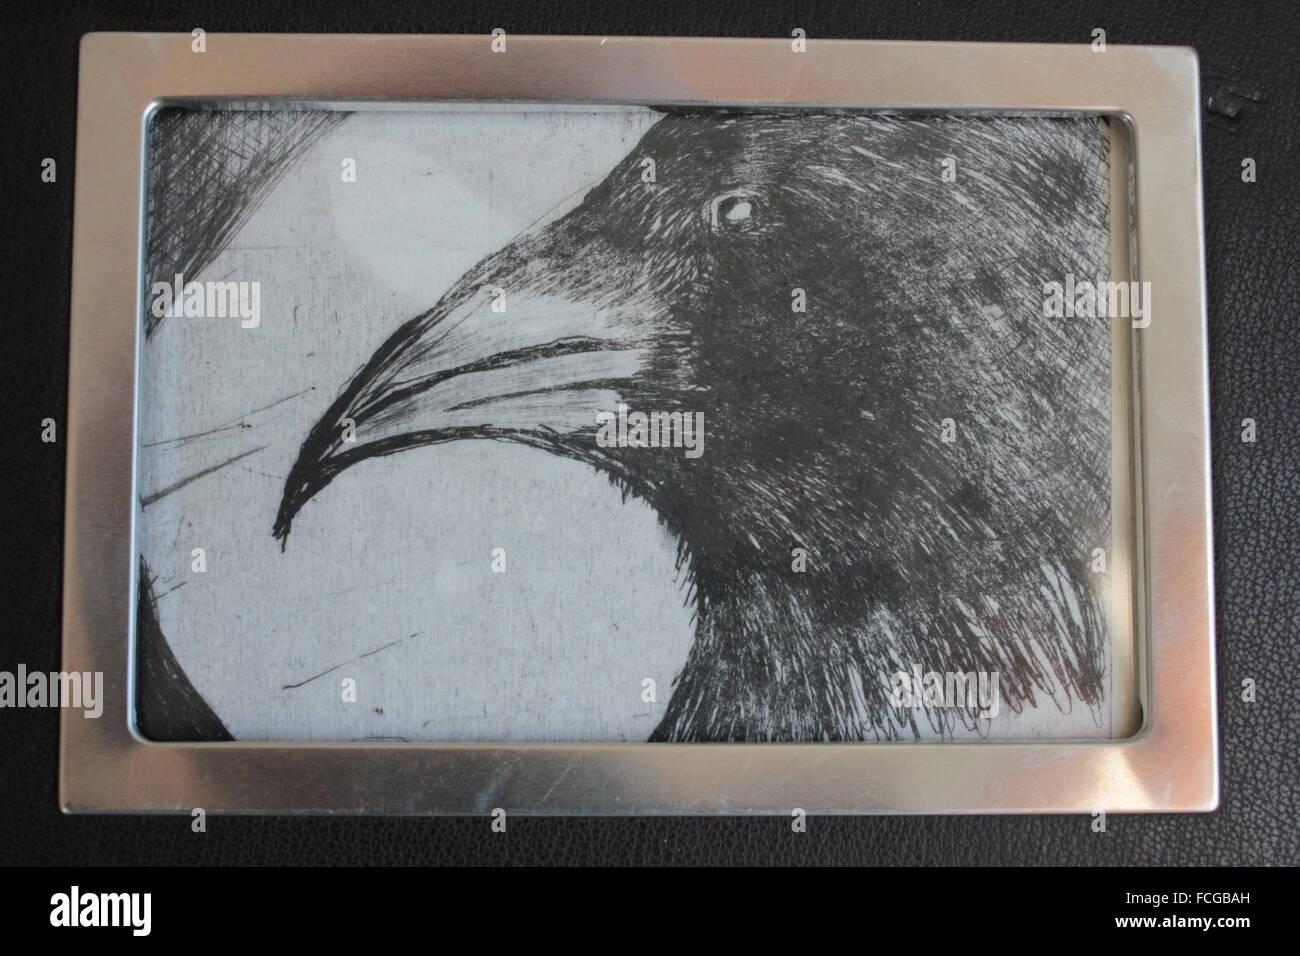 gerahmte schwarz-weiß kalte Platte drucken der Krähe Stockfoto, Bild ...